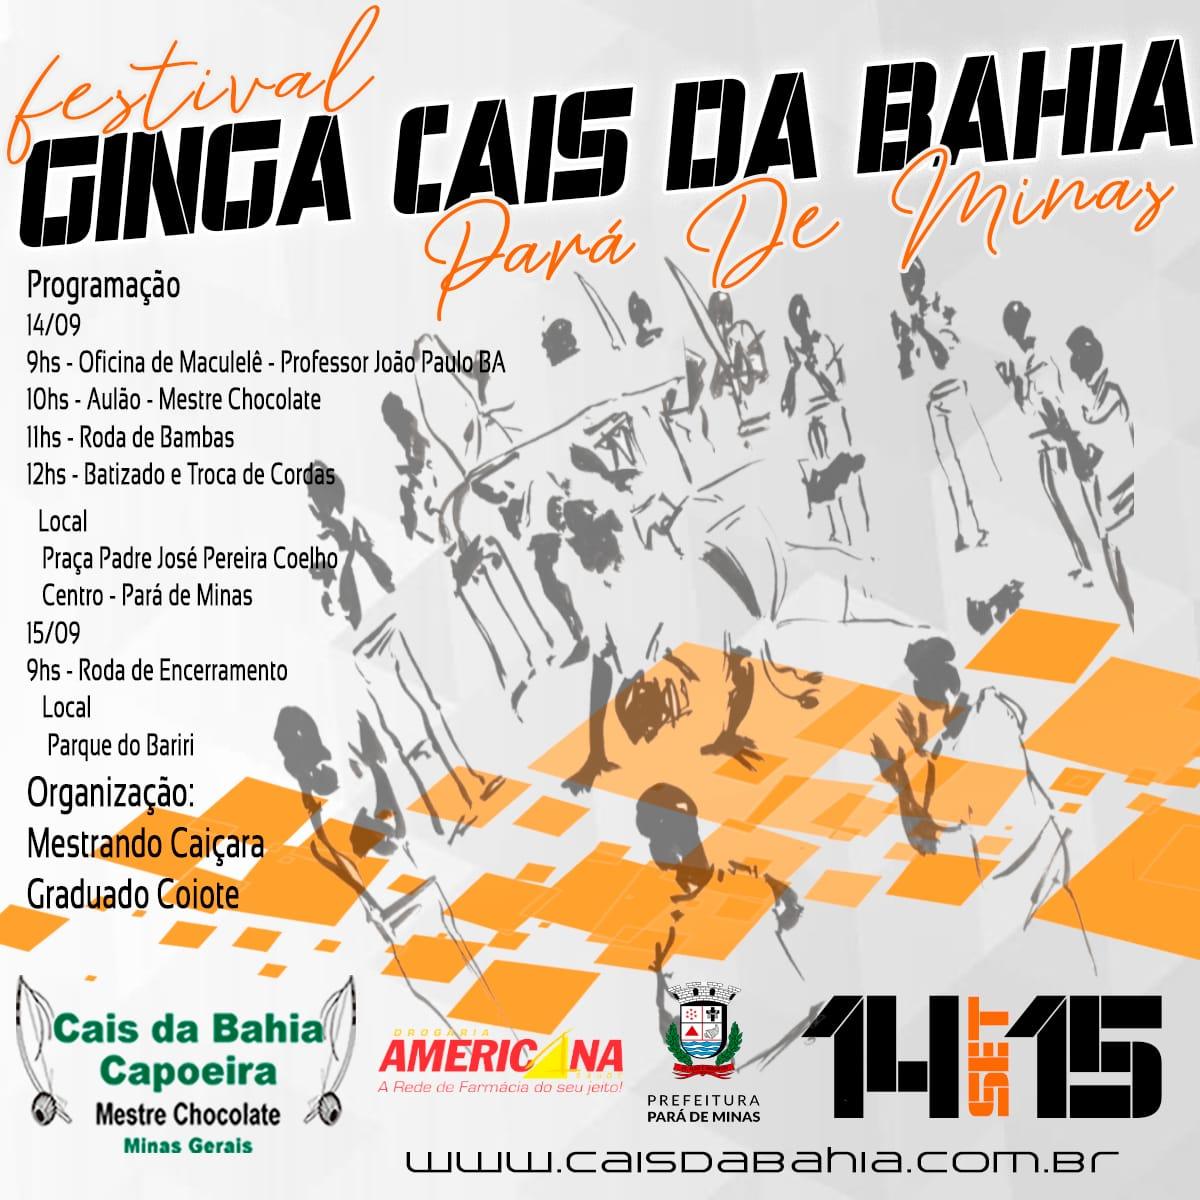 Festival Ginga Cais da Bahia 2019